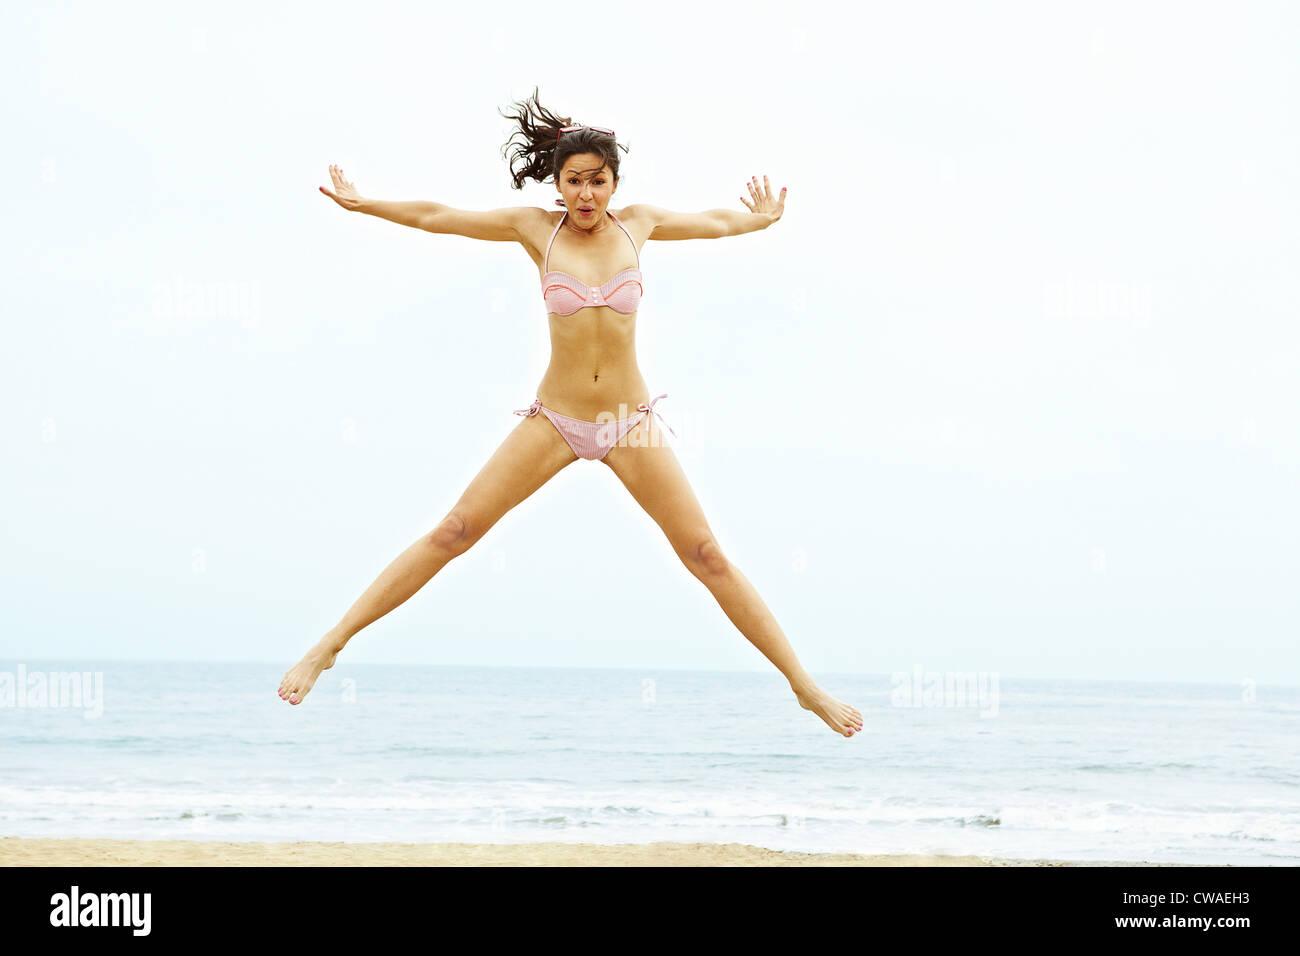 Young woman in bikini doing star jump on beach - Stock Image